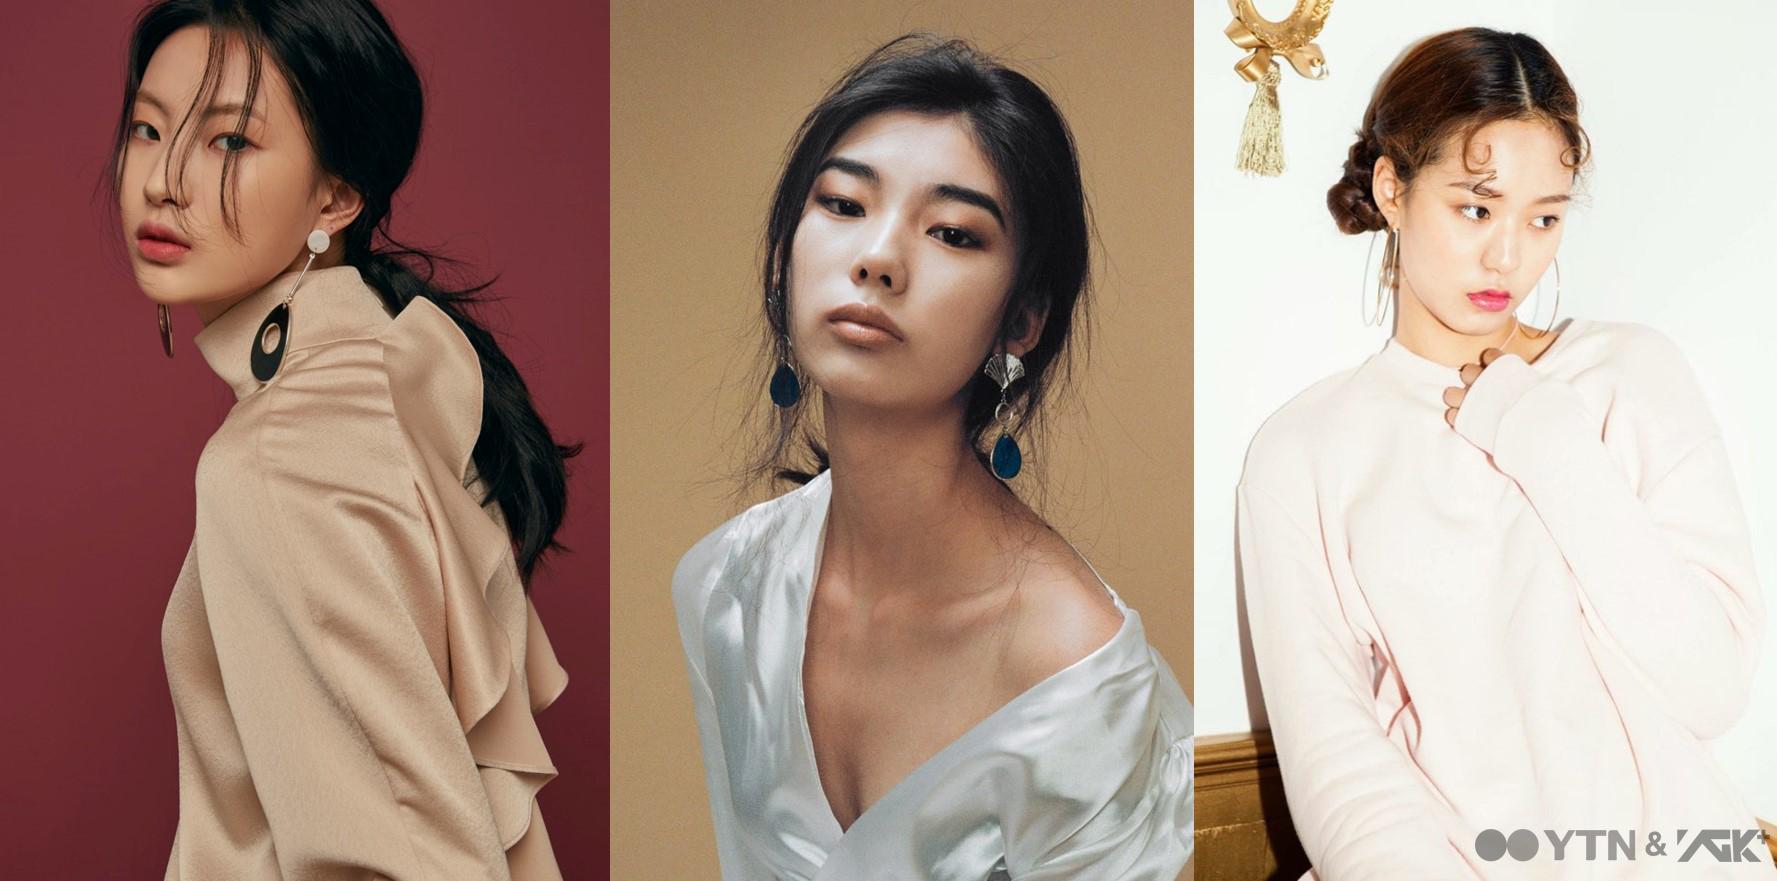 패션계 접수 예고, 주목해야 할 뉴페이스 여자 모델 명진-예지-은서